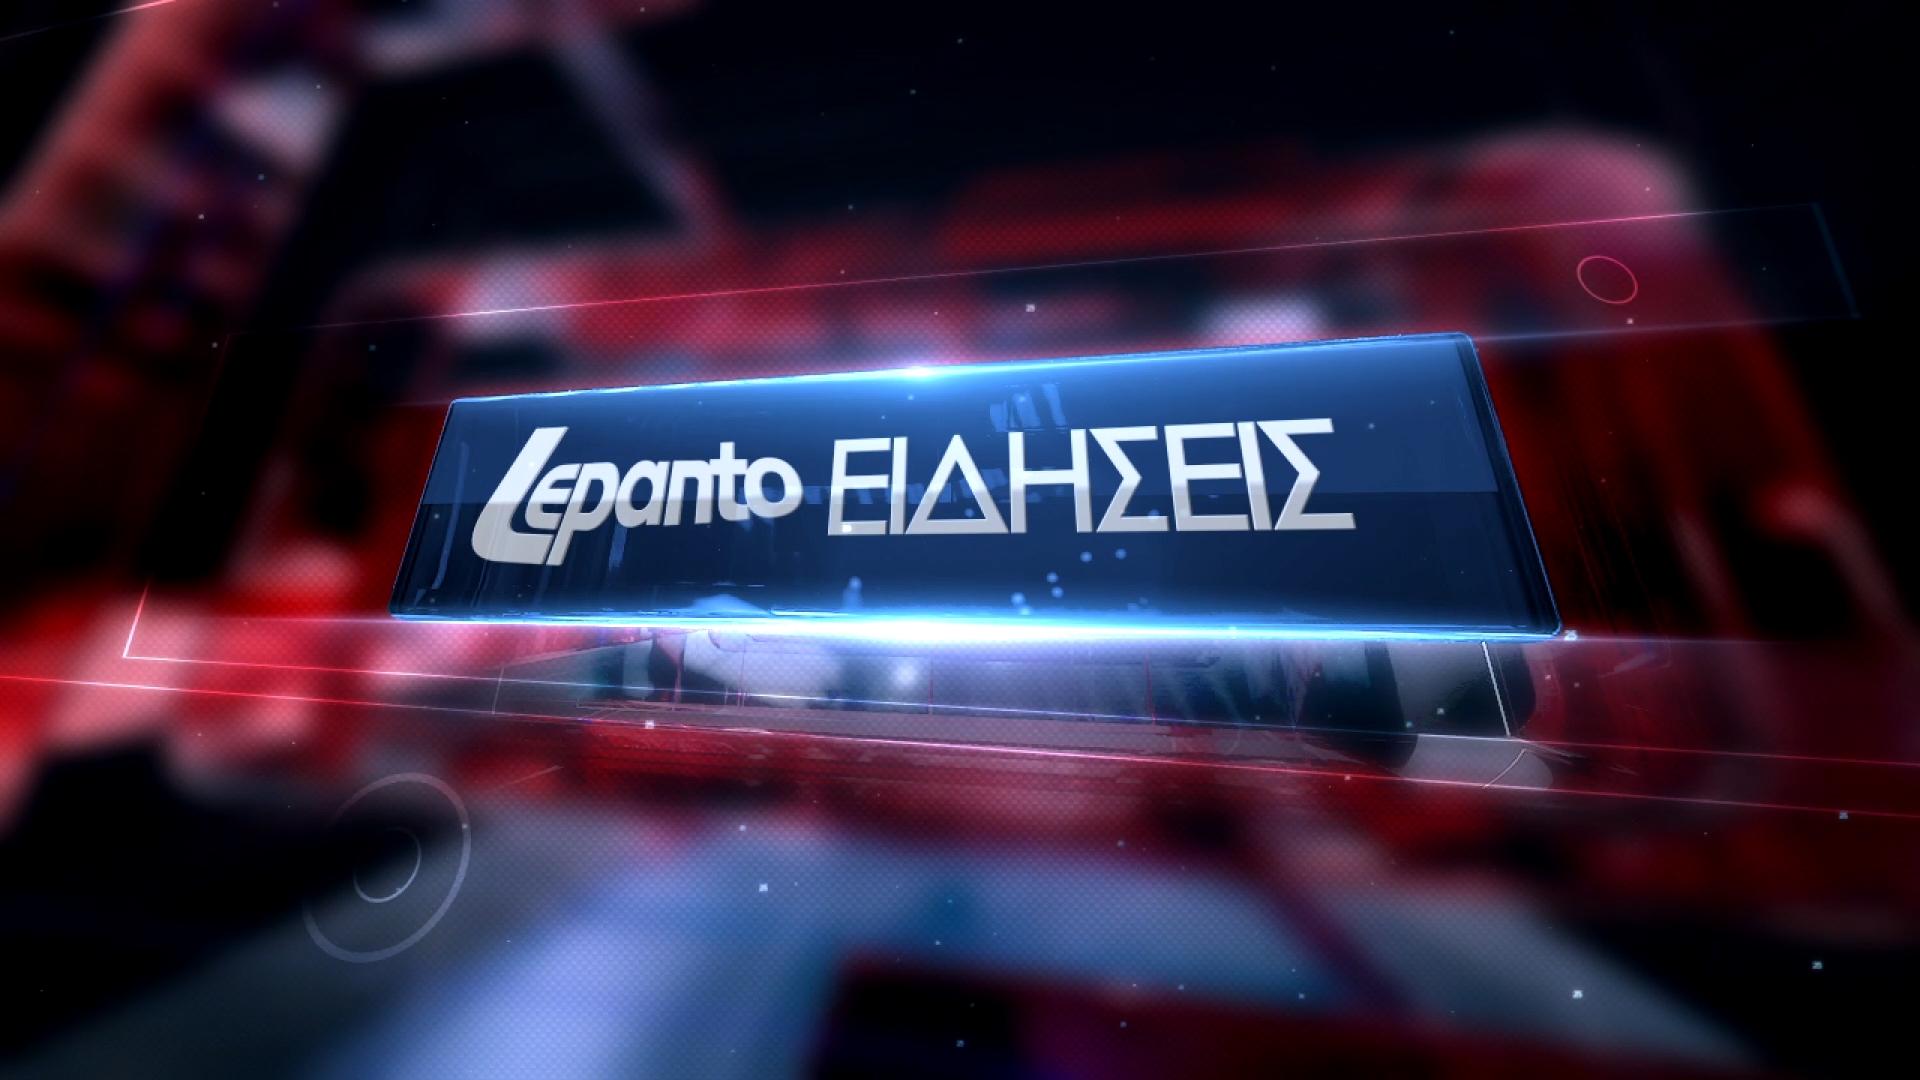 ΝΕΑ ΩΡΑ ΓΙΑ ΤΟ ΔΕΛΤΙΟ ΤΟΥ LEPANTO - ΚΑΘΕ ΒΡΑΔΥ ΣΤΙΣ 21:00